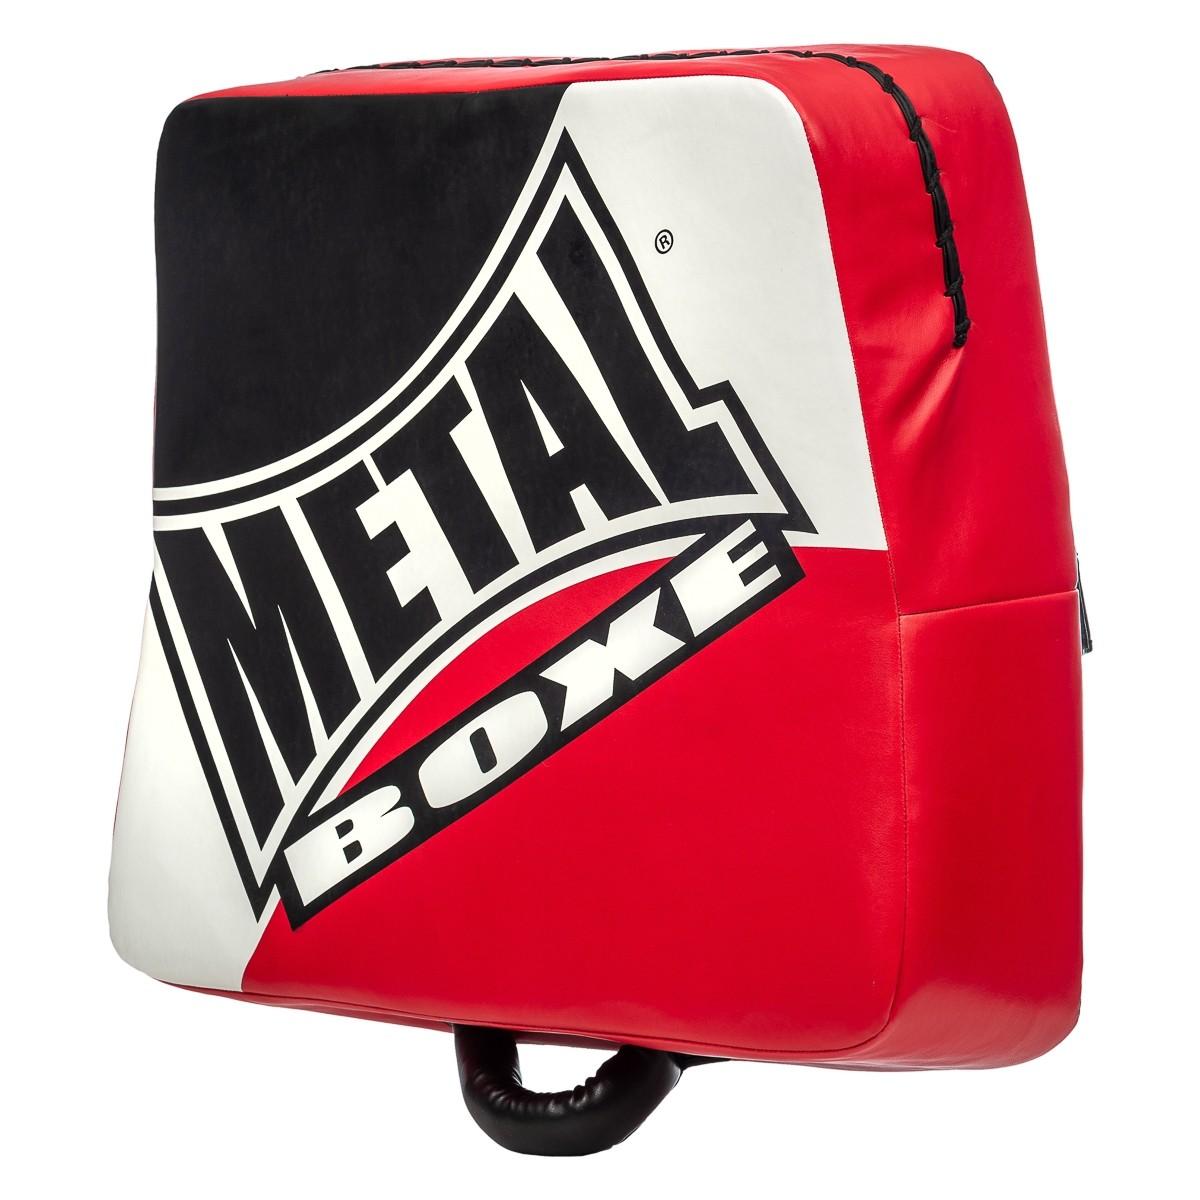 Pao Twinbox Métal boxe